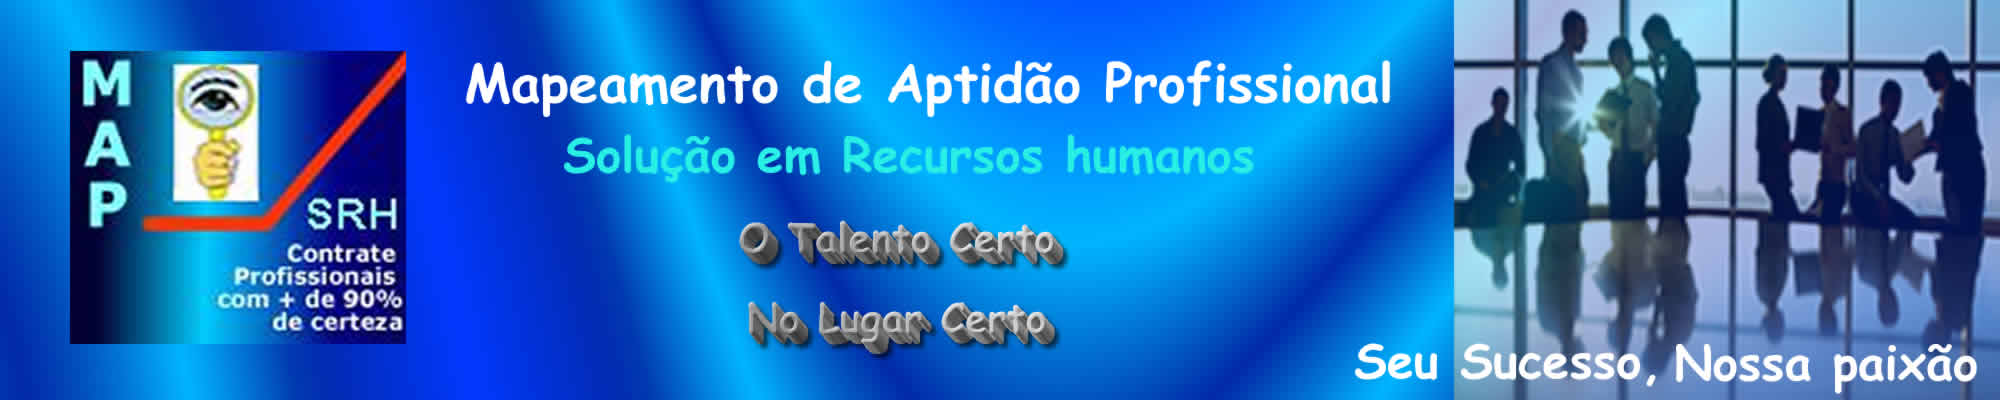 MAPEAMENTO DE APTIDÃO PROFISSIONAL